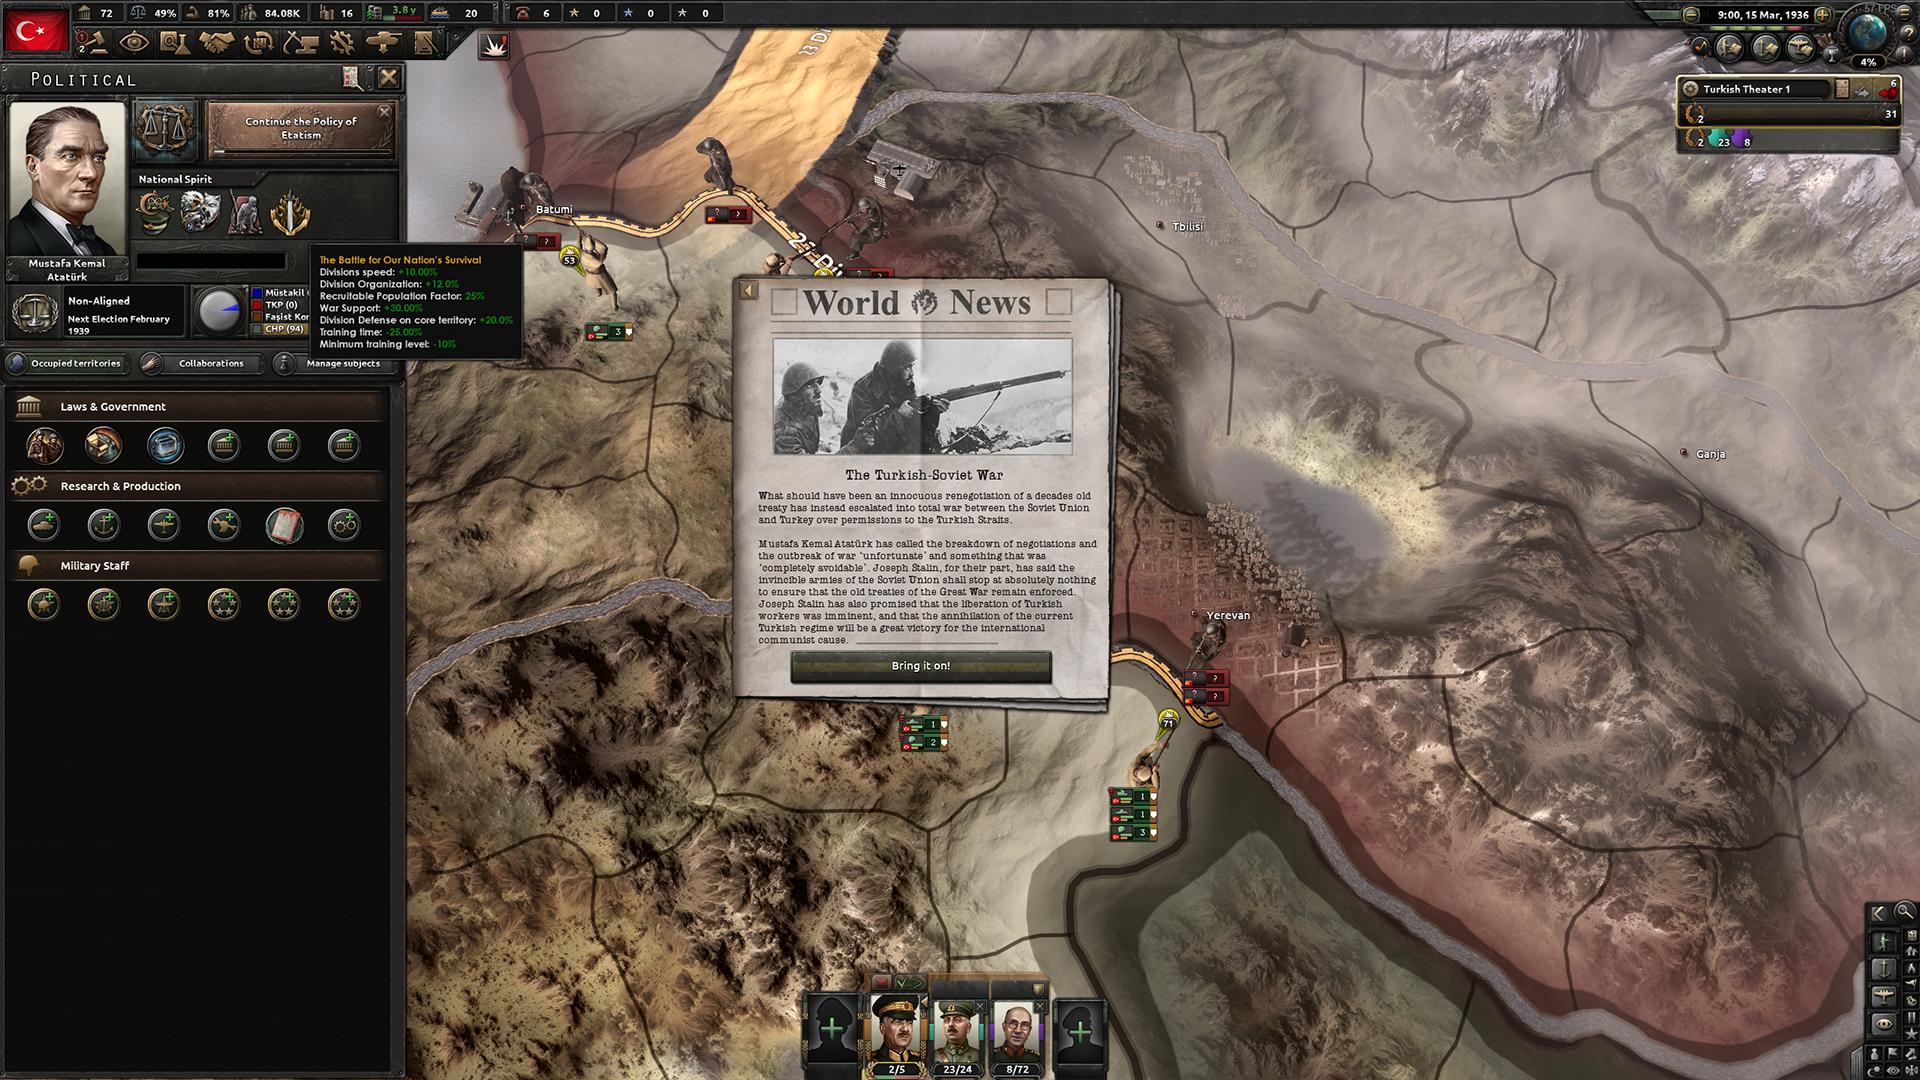 Hearts of Iron IV: Battle of the Bosporus